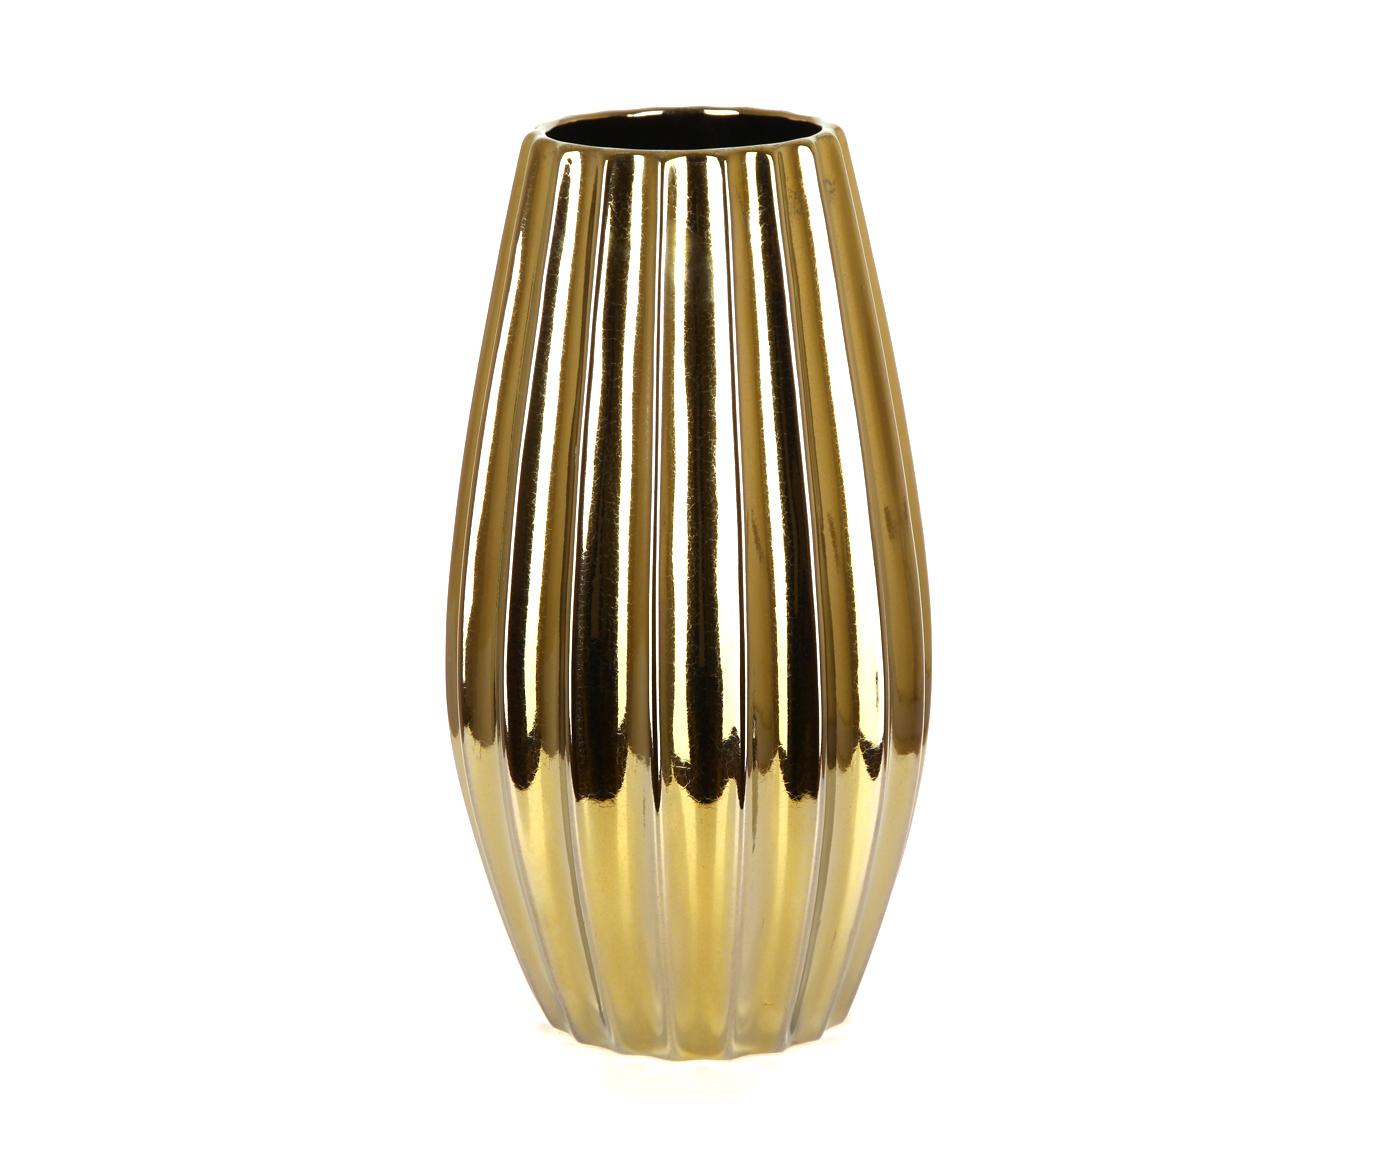 Вазы настольные Элитная ваза декоративная Lavanda золотая от Sporvil vaza-dekorativnaya-lavanda-zolotaya-ot-sporvil-portugaliya.jpg